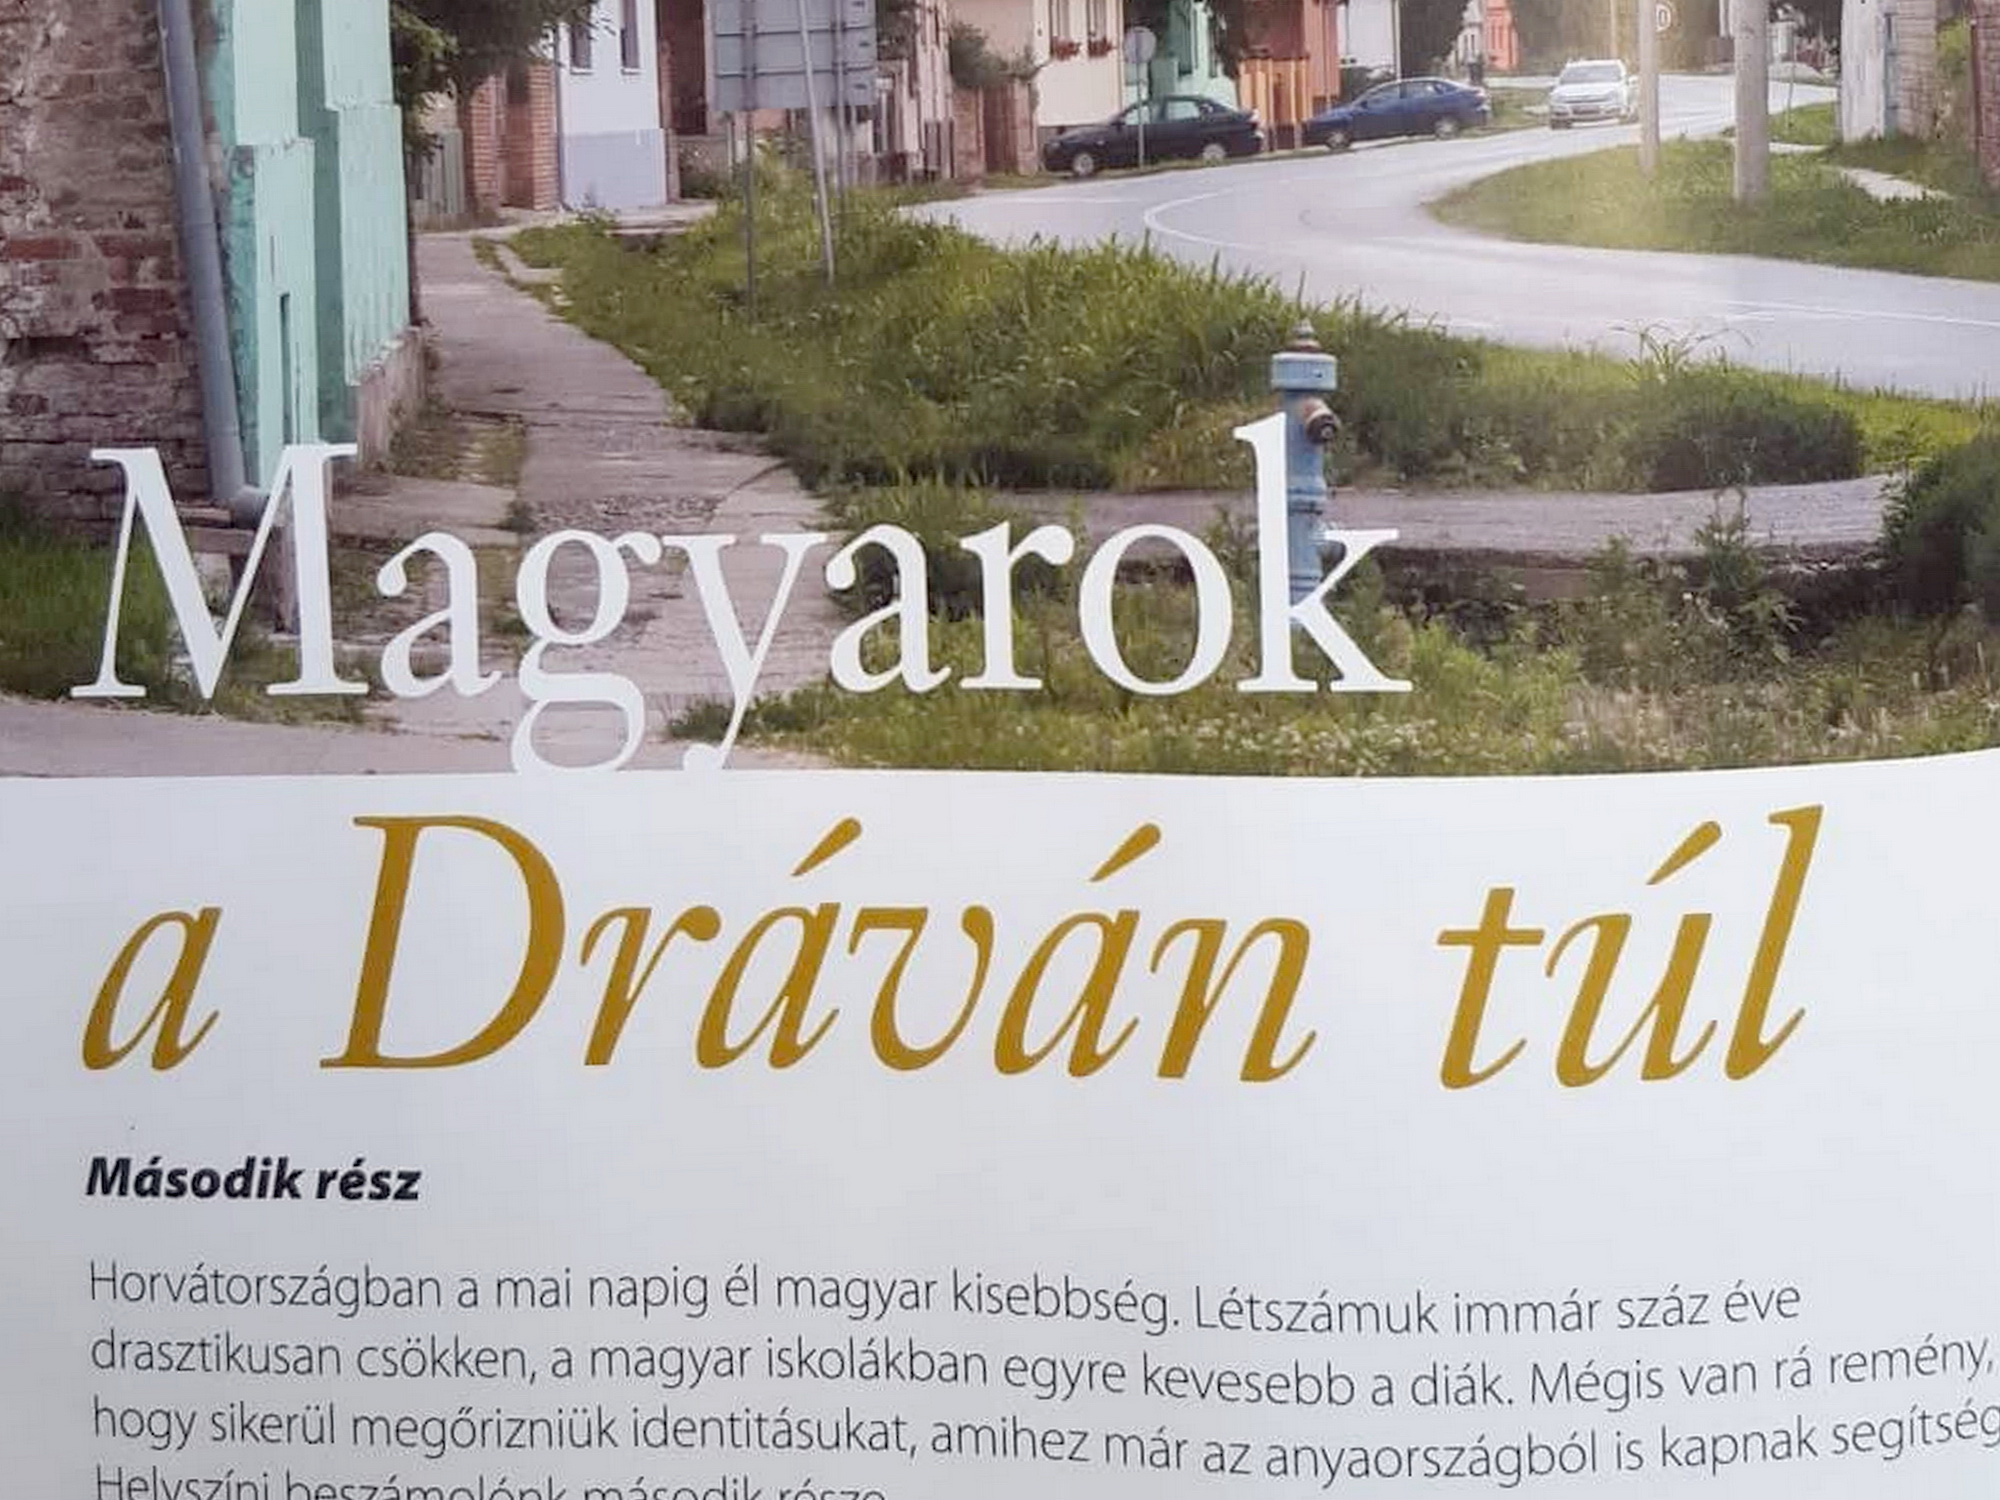 Megjelent a Magyarok a Dráván túl 2. része